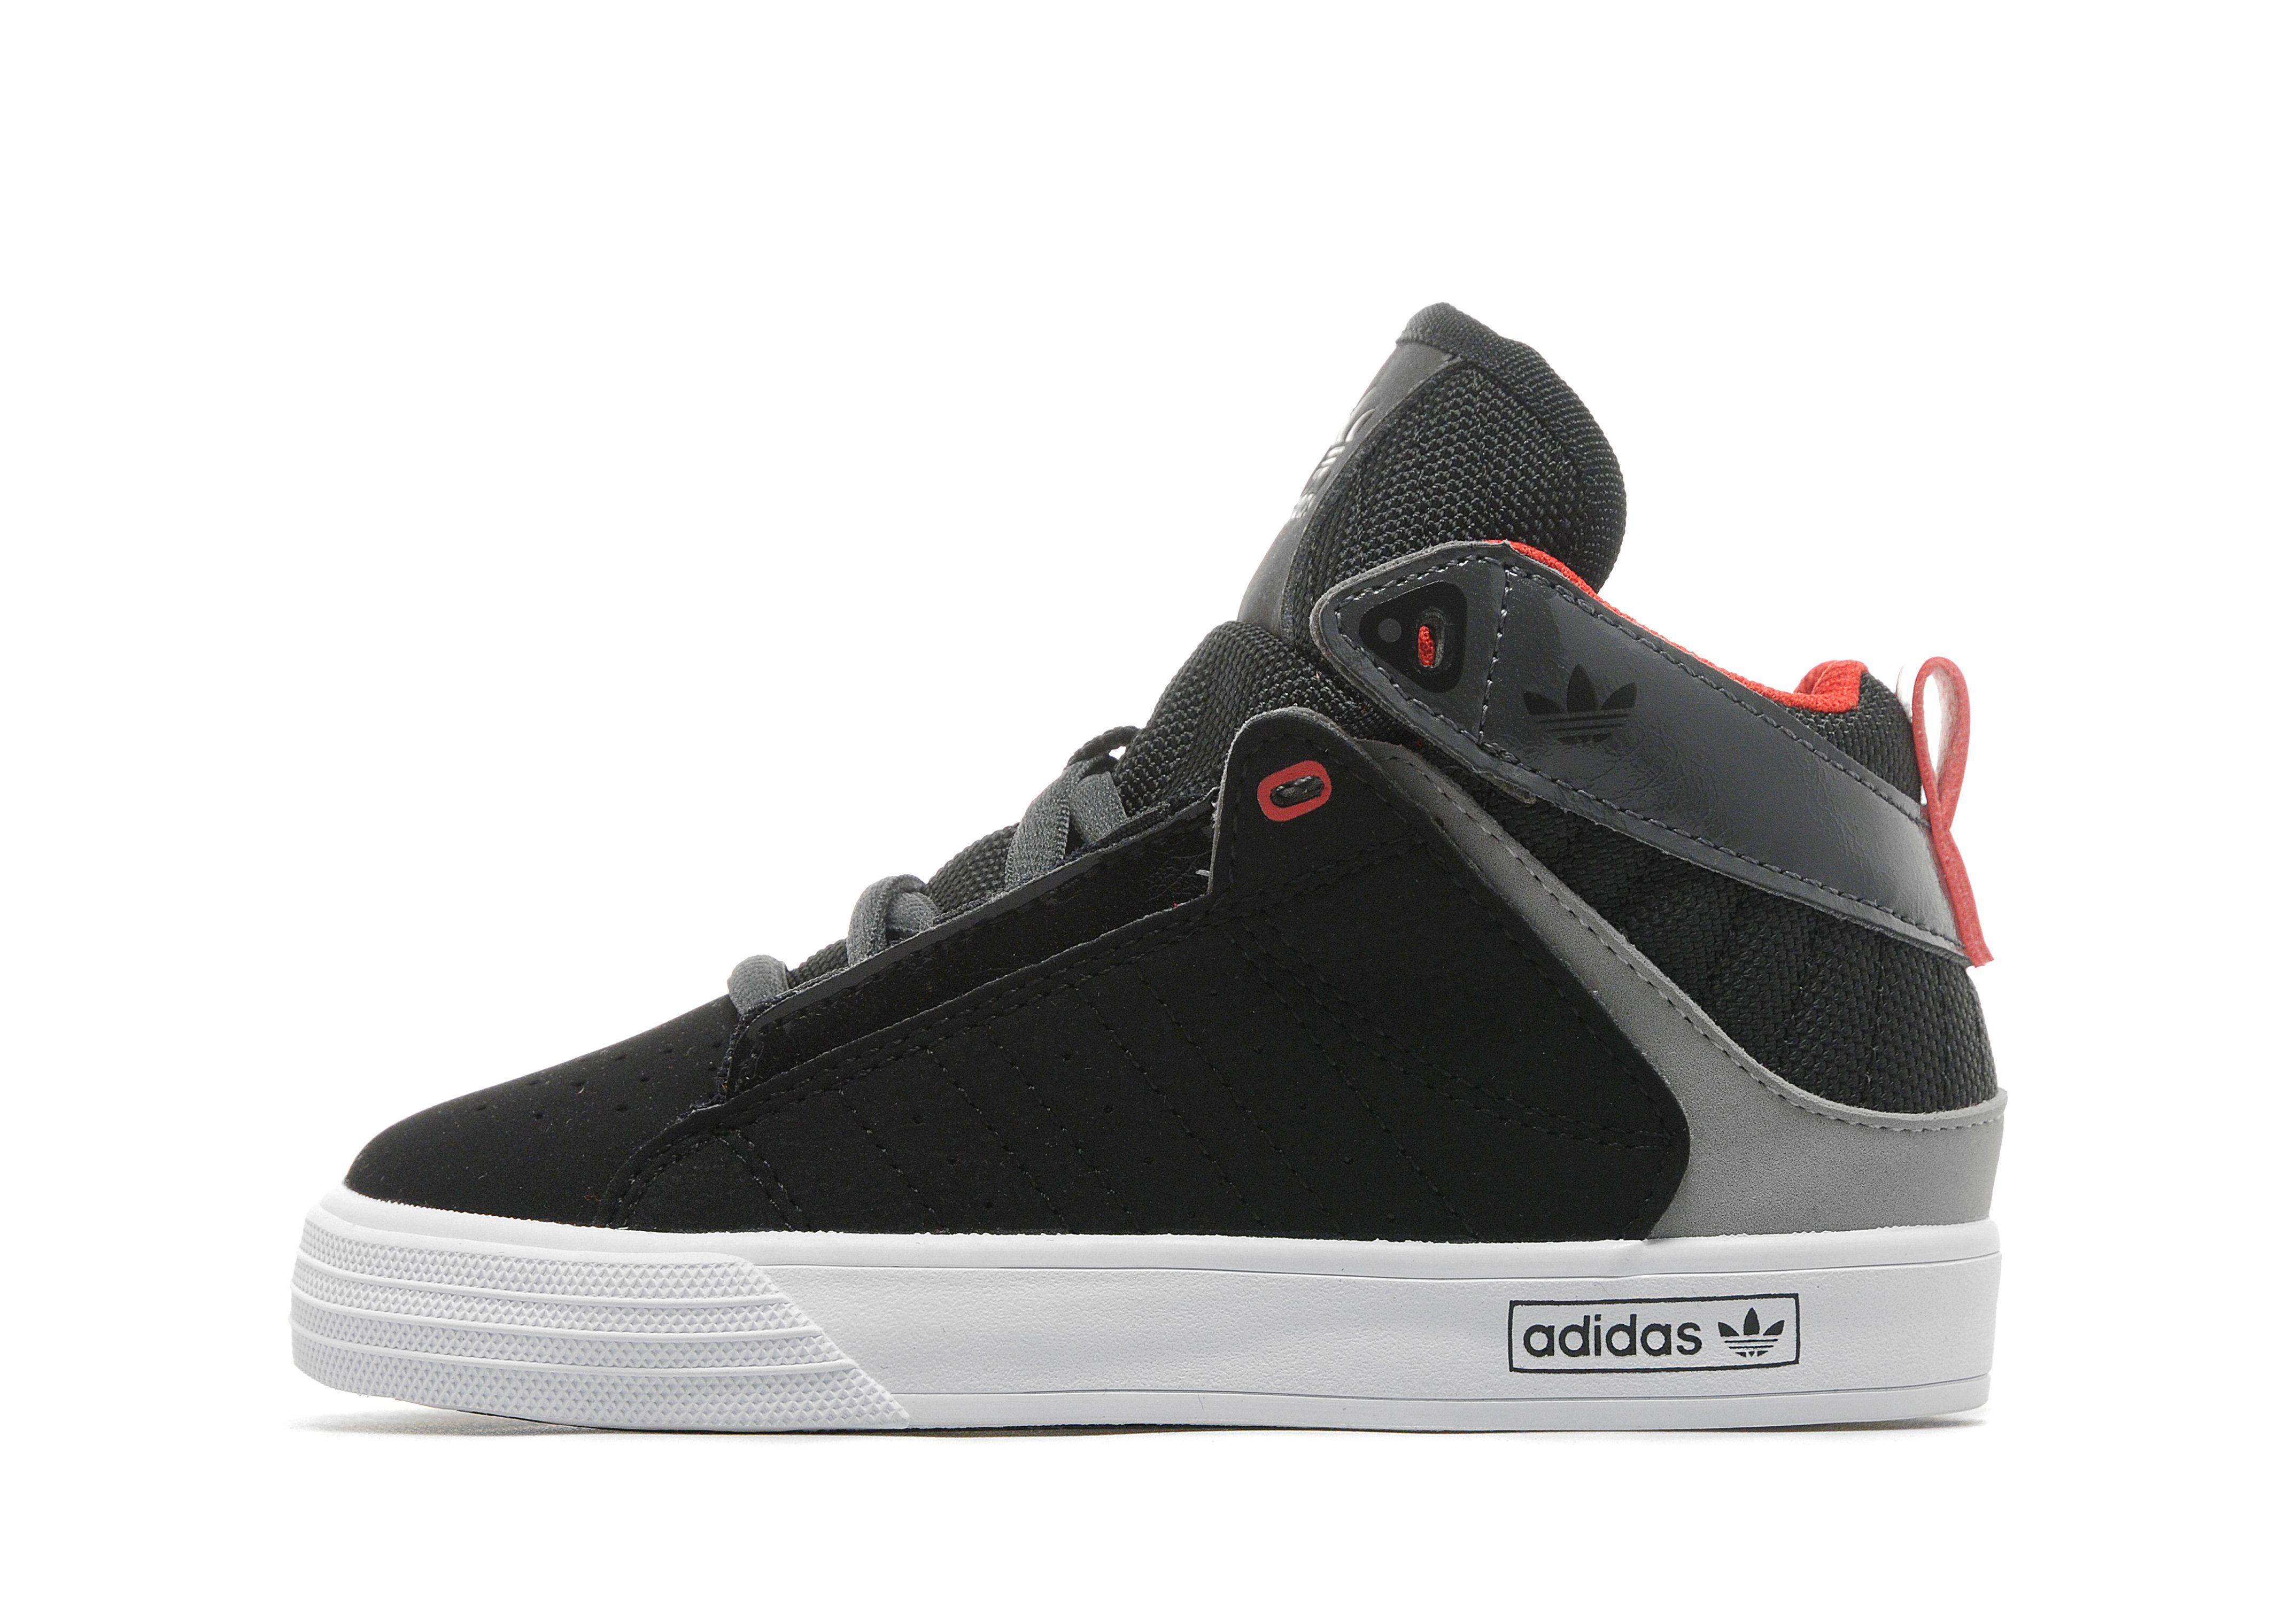 adidas high tops at jd